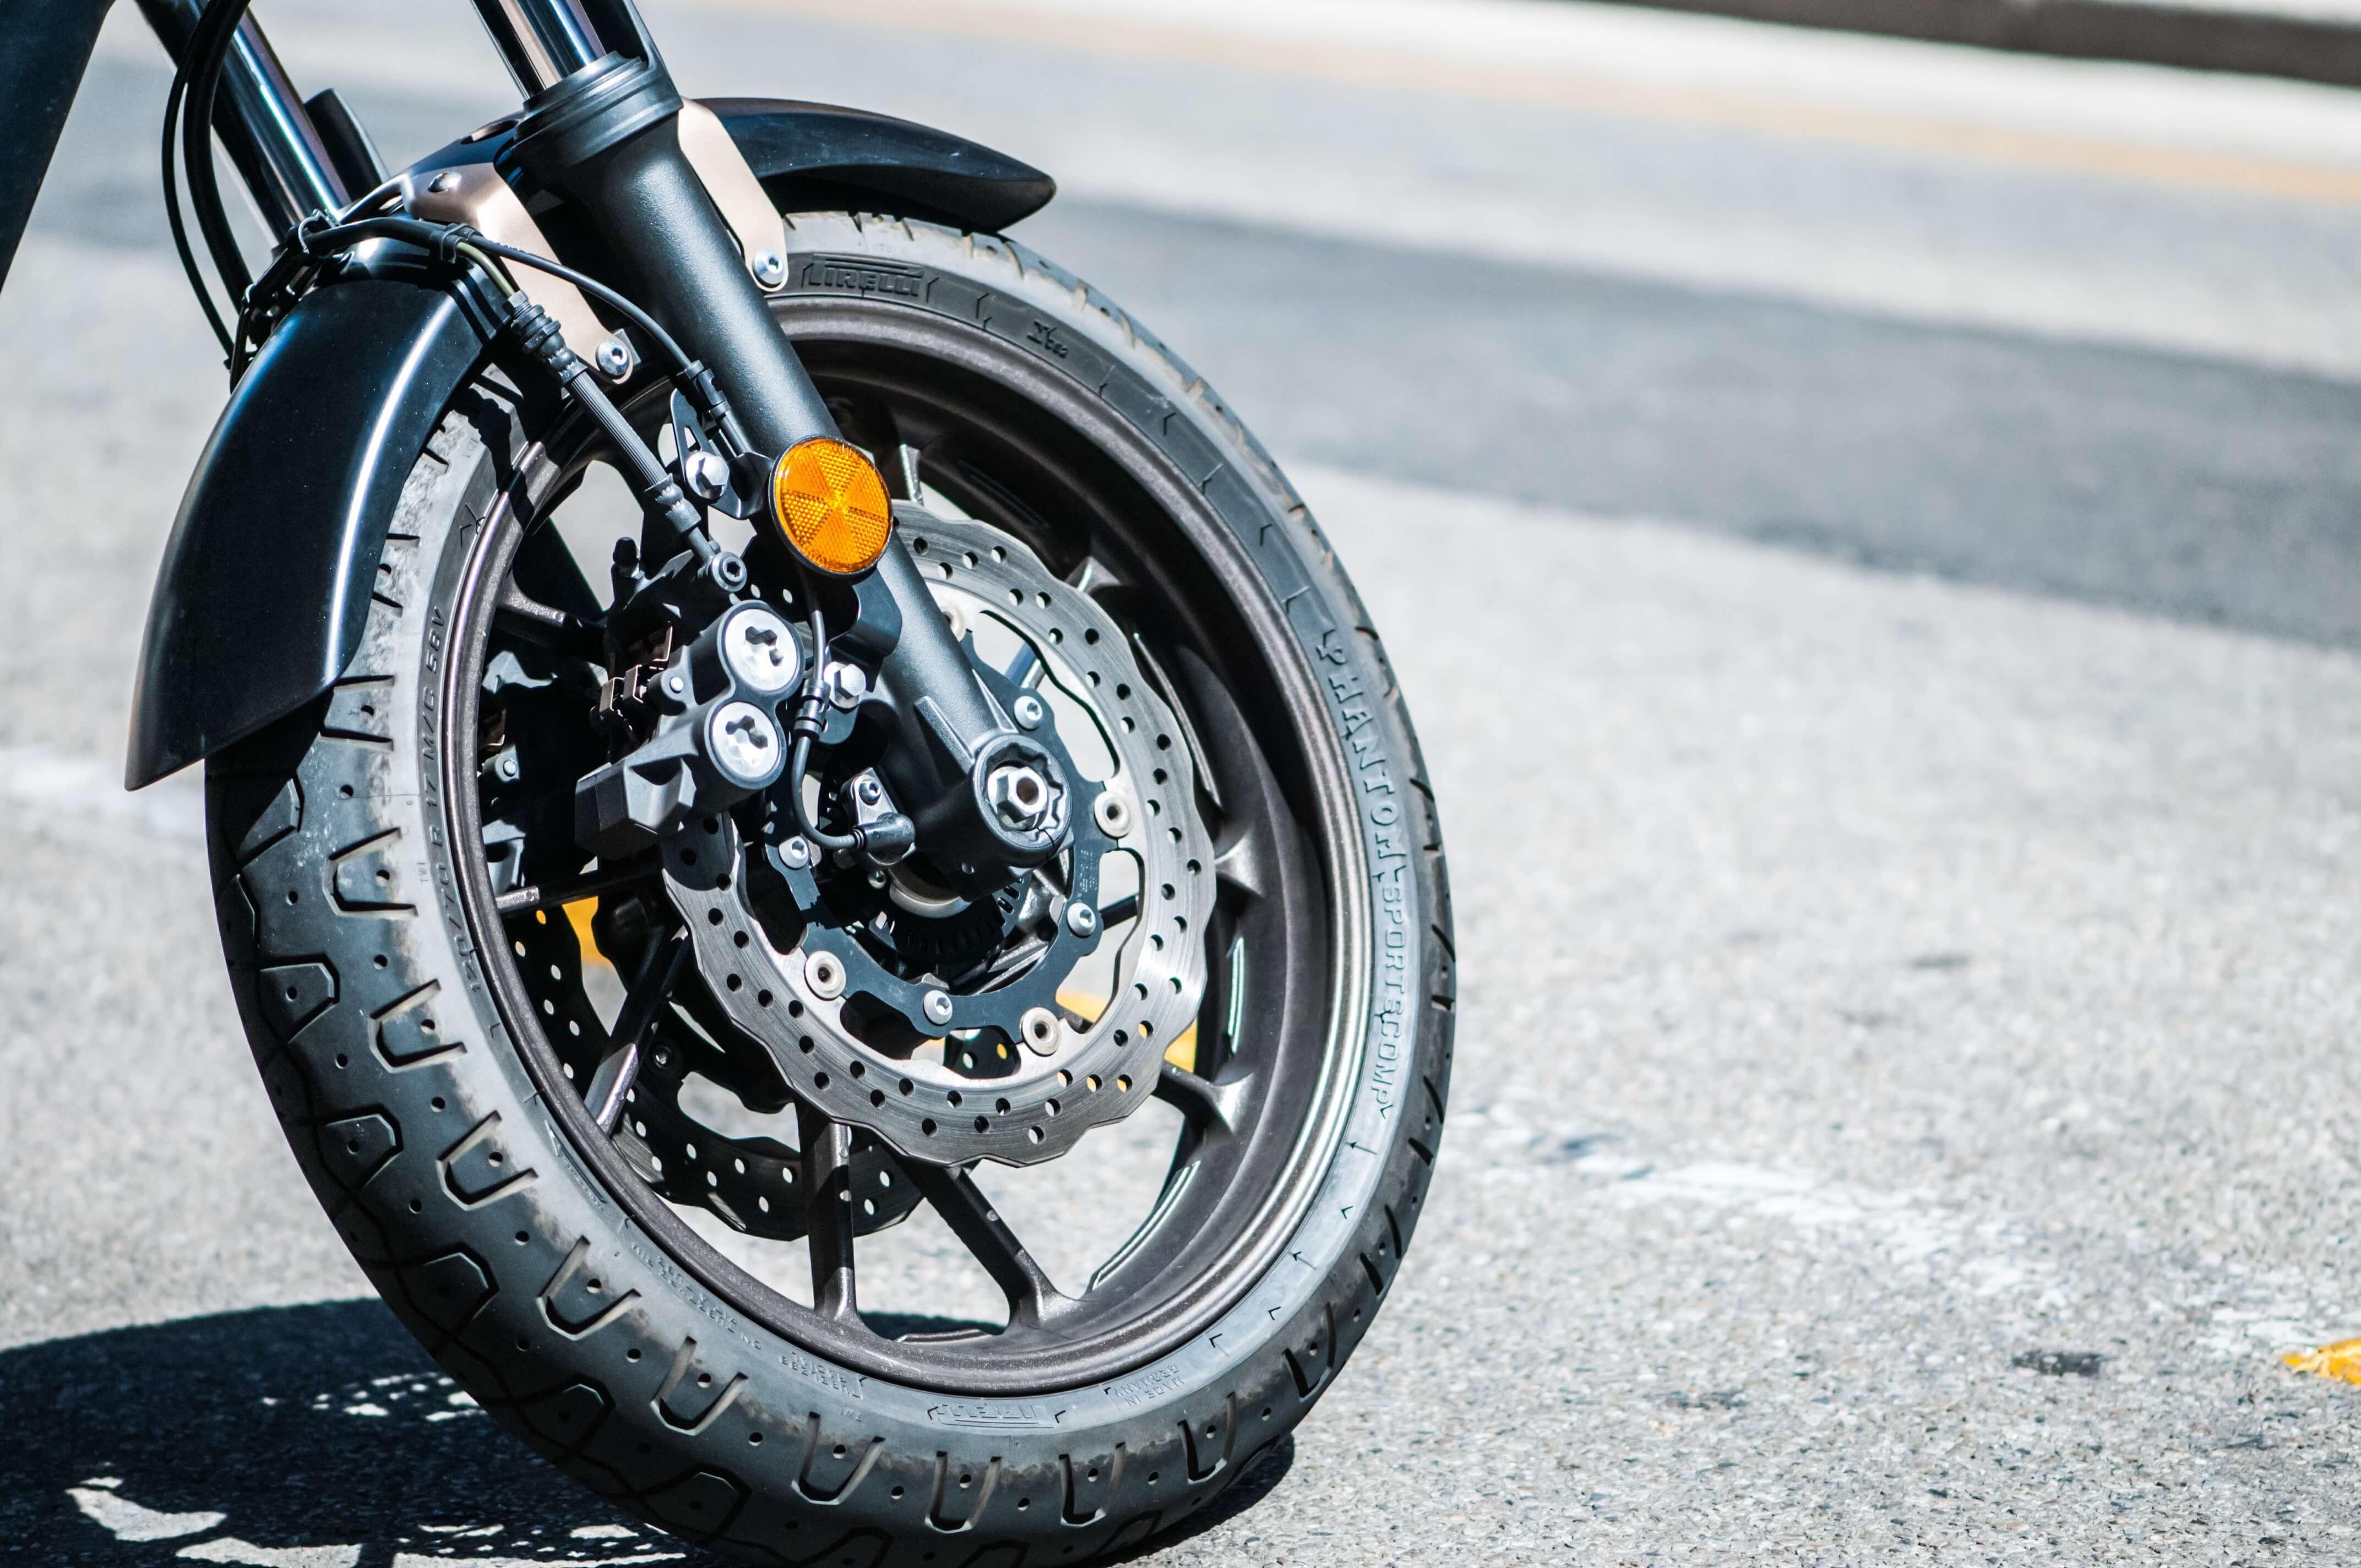 Roue avant d'une moto, fourche bien visible